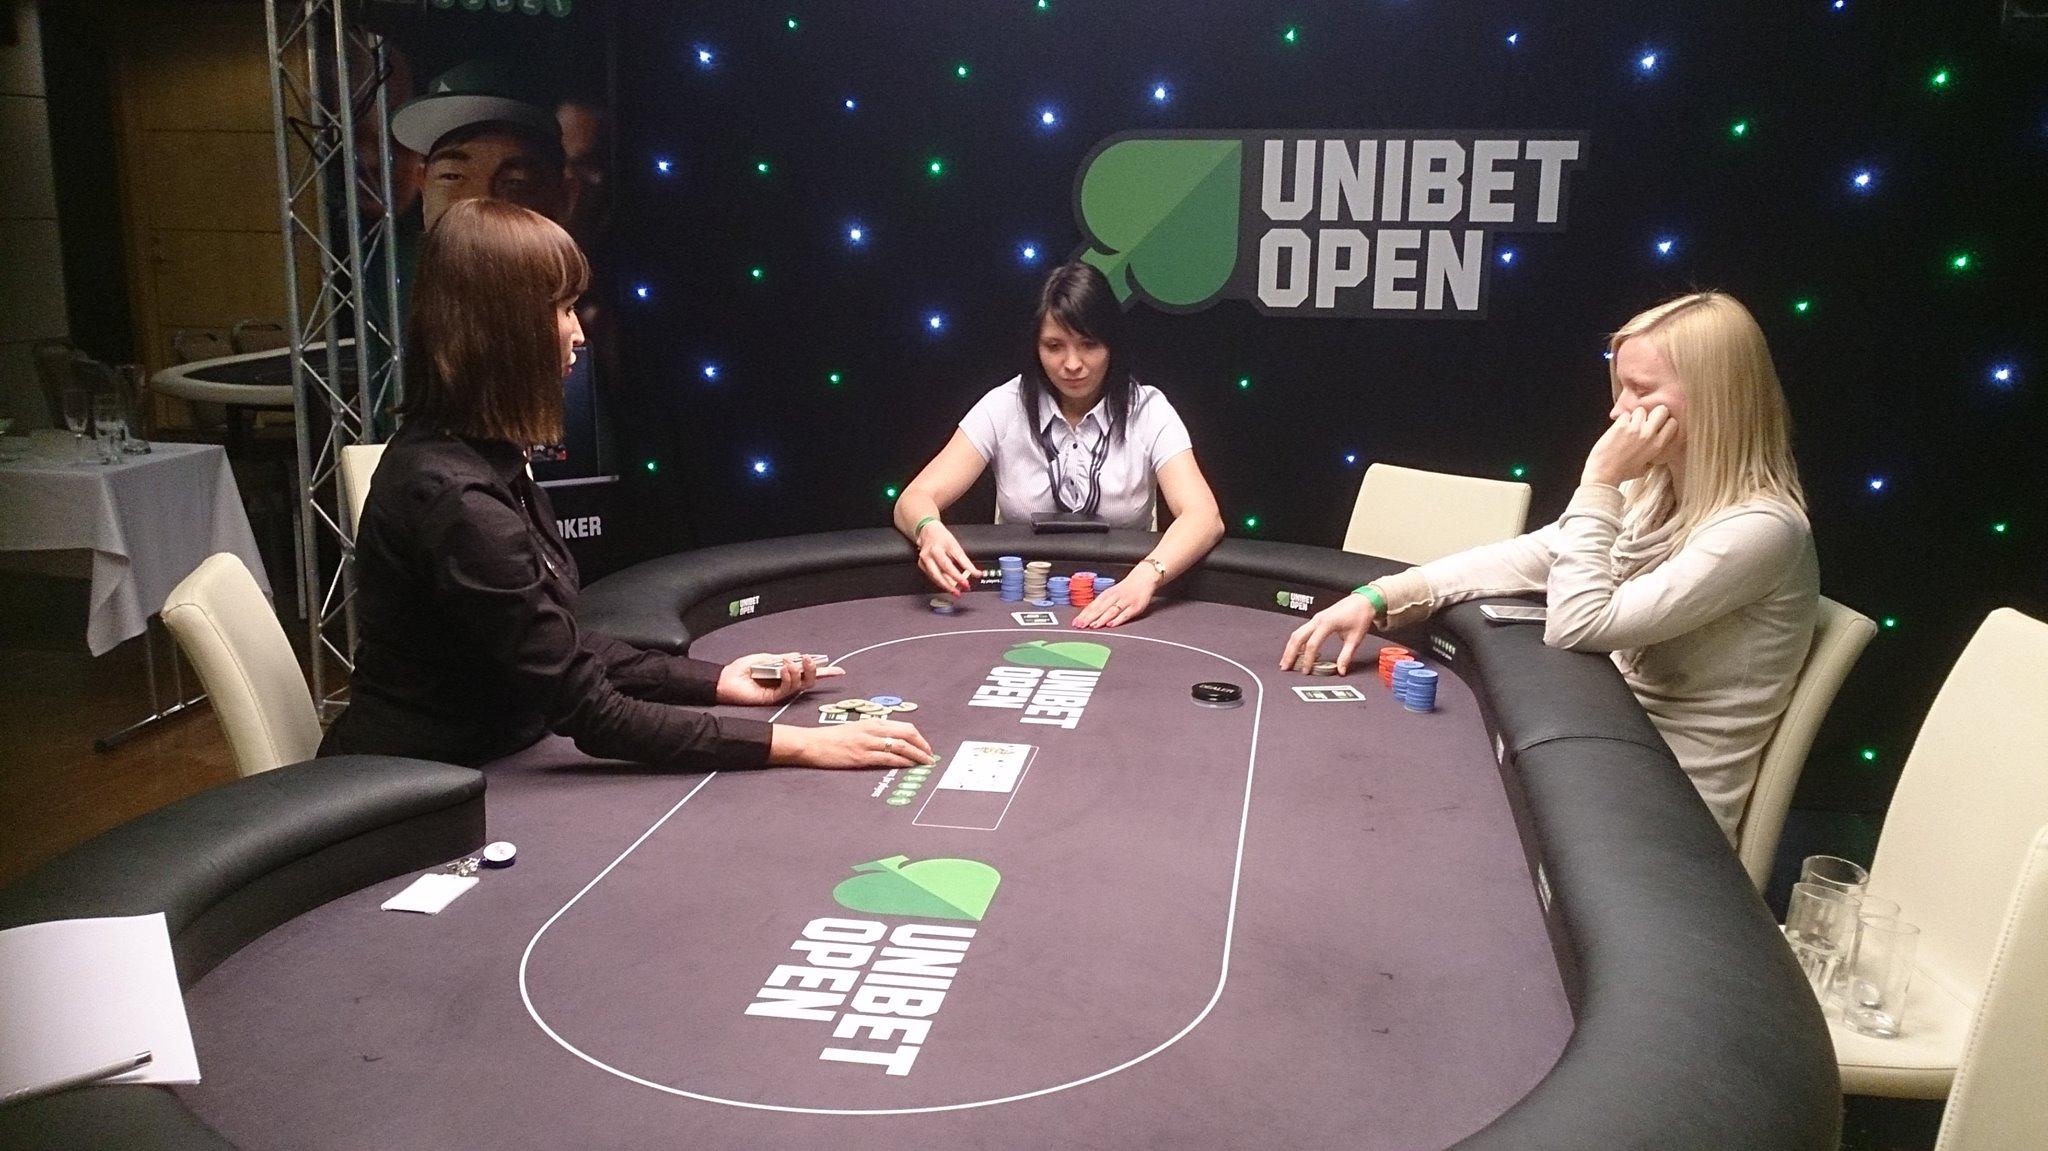 Unibet Open naisteturniiril 34 mängijat: kaksikvõit Eestisse, Liis Lemsalu tegi... 101